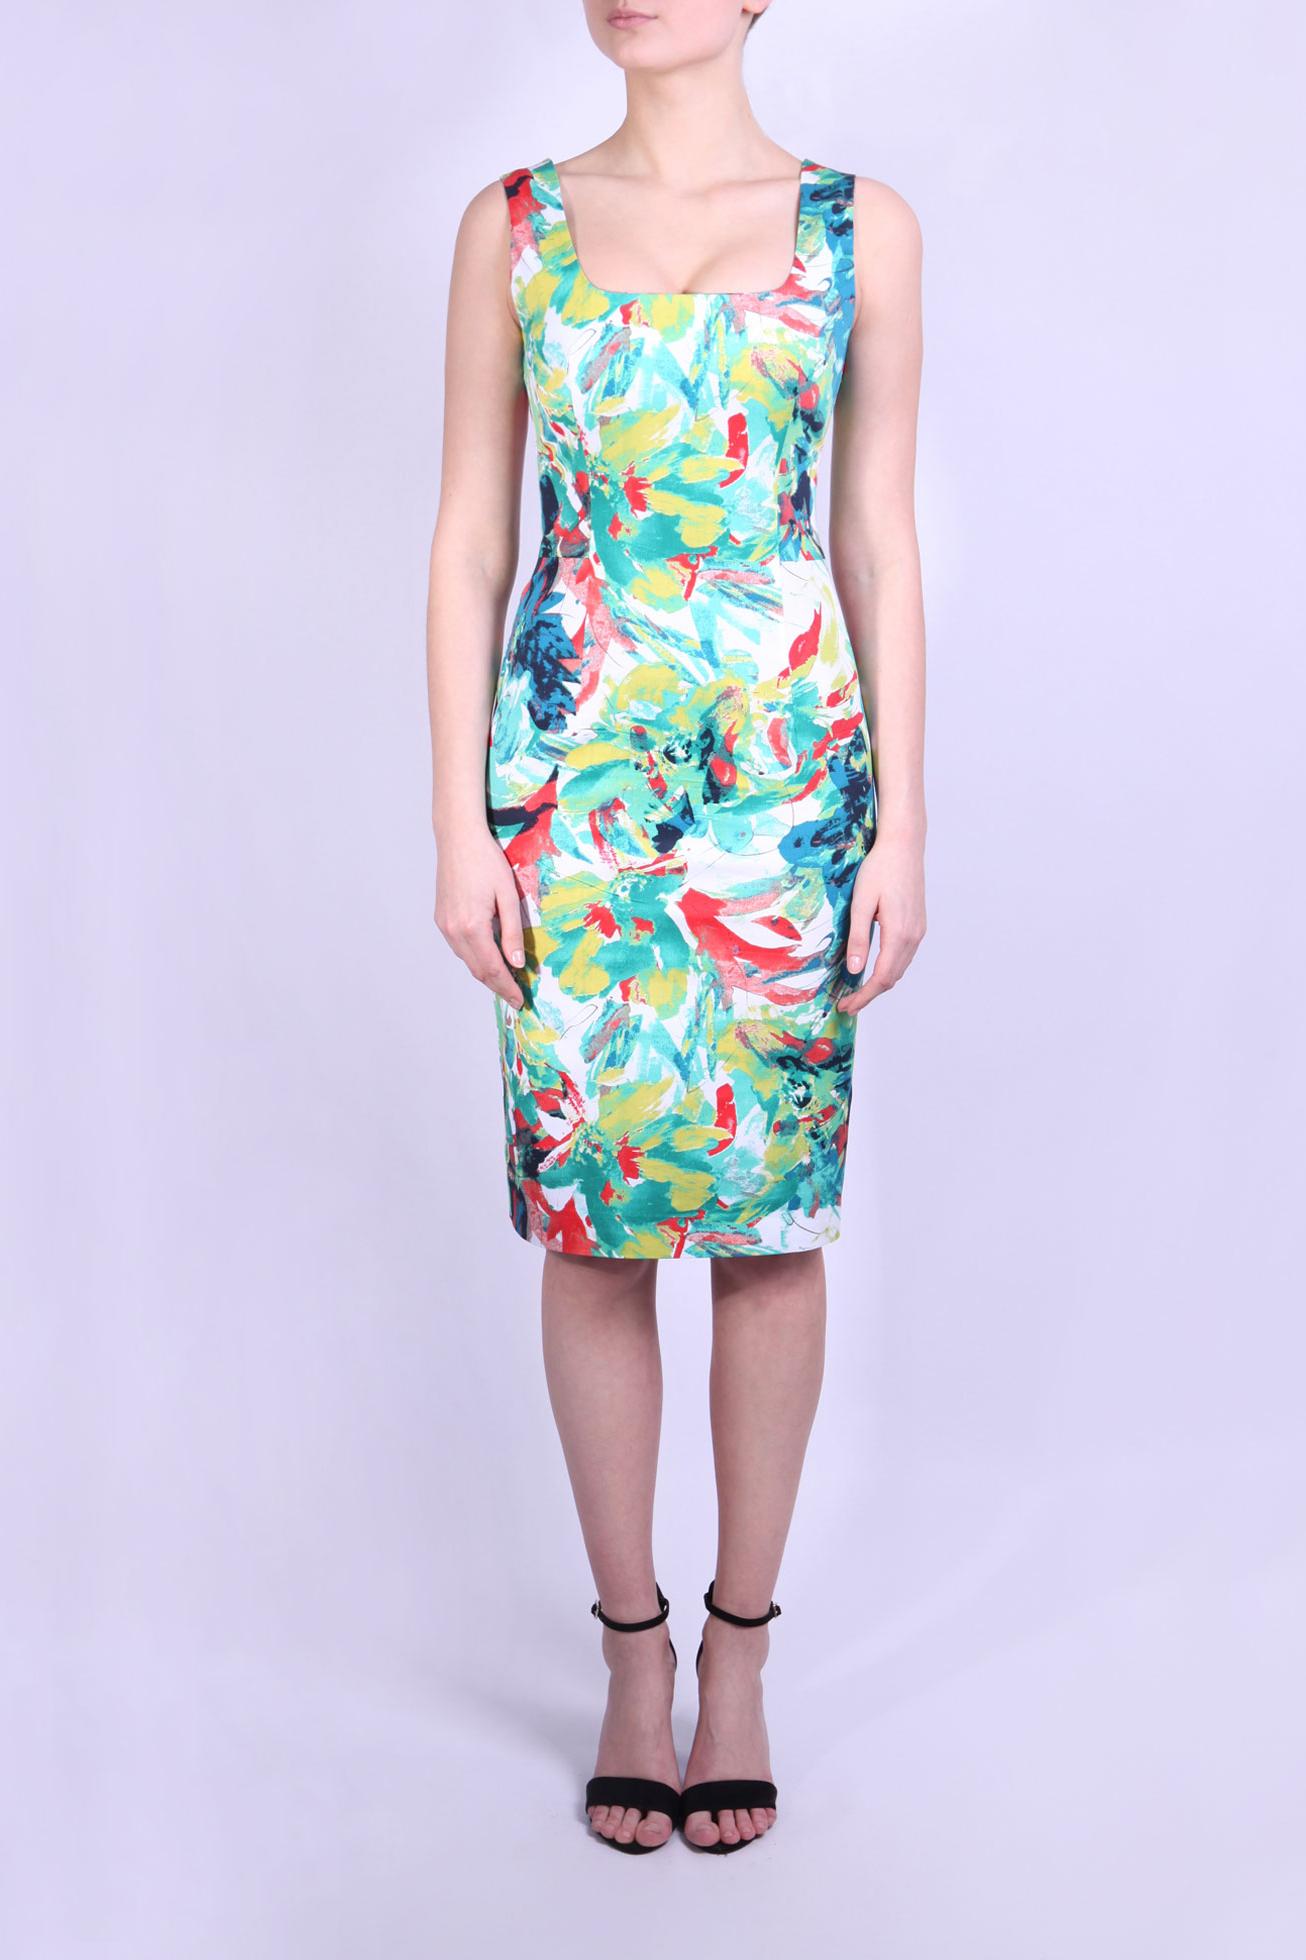 ПлатьеПлатья<br>Платье летнее без рукавов длиной до колен.  Яркий, красочный, привлекательный принт создает впечатление свежести и молодости.  Параметры размеров: Обхват груди размер 42 - 84 см, размер 44 - 88 см, размер 46 - 92 см, размер 48 - 96 см, размер 50 - 100 см Обхват талии размер 42 - 64 см, размер 44 - 68 см, размер 46 - 72 см, размер 48 - 76 см, размер 50 - 80 см Обхват бедер размер 42 - 92 см, размер 44 - 96 см, размер 46 - 100 см, размер 48 - 104 см, размер 50 - 108 см  В изделии использованы цвета: белый, зеленый, голубой и др.  Ростовка изделия 170 см.<br><br>Горловина: Квадратная горловина<br>По длине: До колена<br>По материалу: Хлопок<br>По рисунку: С принтом,Цветные<br>По силуэту: Приталенные<br>По стилю: Повседневный стиль,Летний стиль<br>По форме: Платье - футляр<br>По элементам: С разрезом<br>Разрез: Шлица<br>Рукав: Без рукавов<br>По сезону: Лето<br>Размер : 42,46,48<br>Материал: Хлопок<br>Количество в наличии: 5